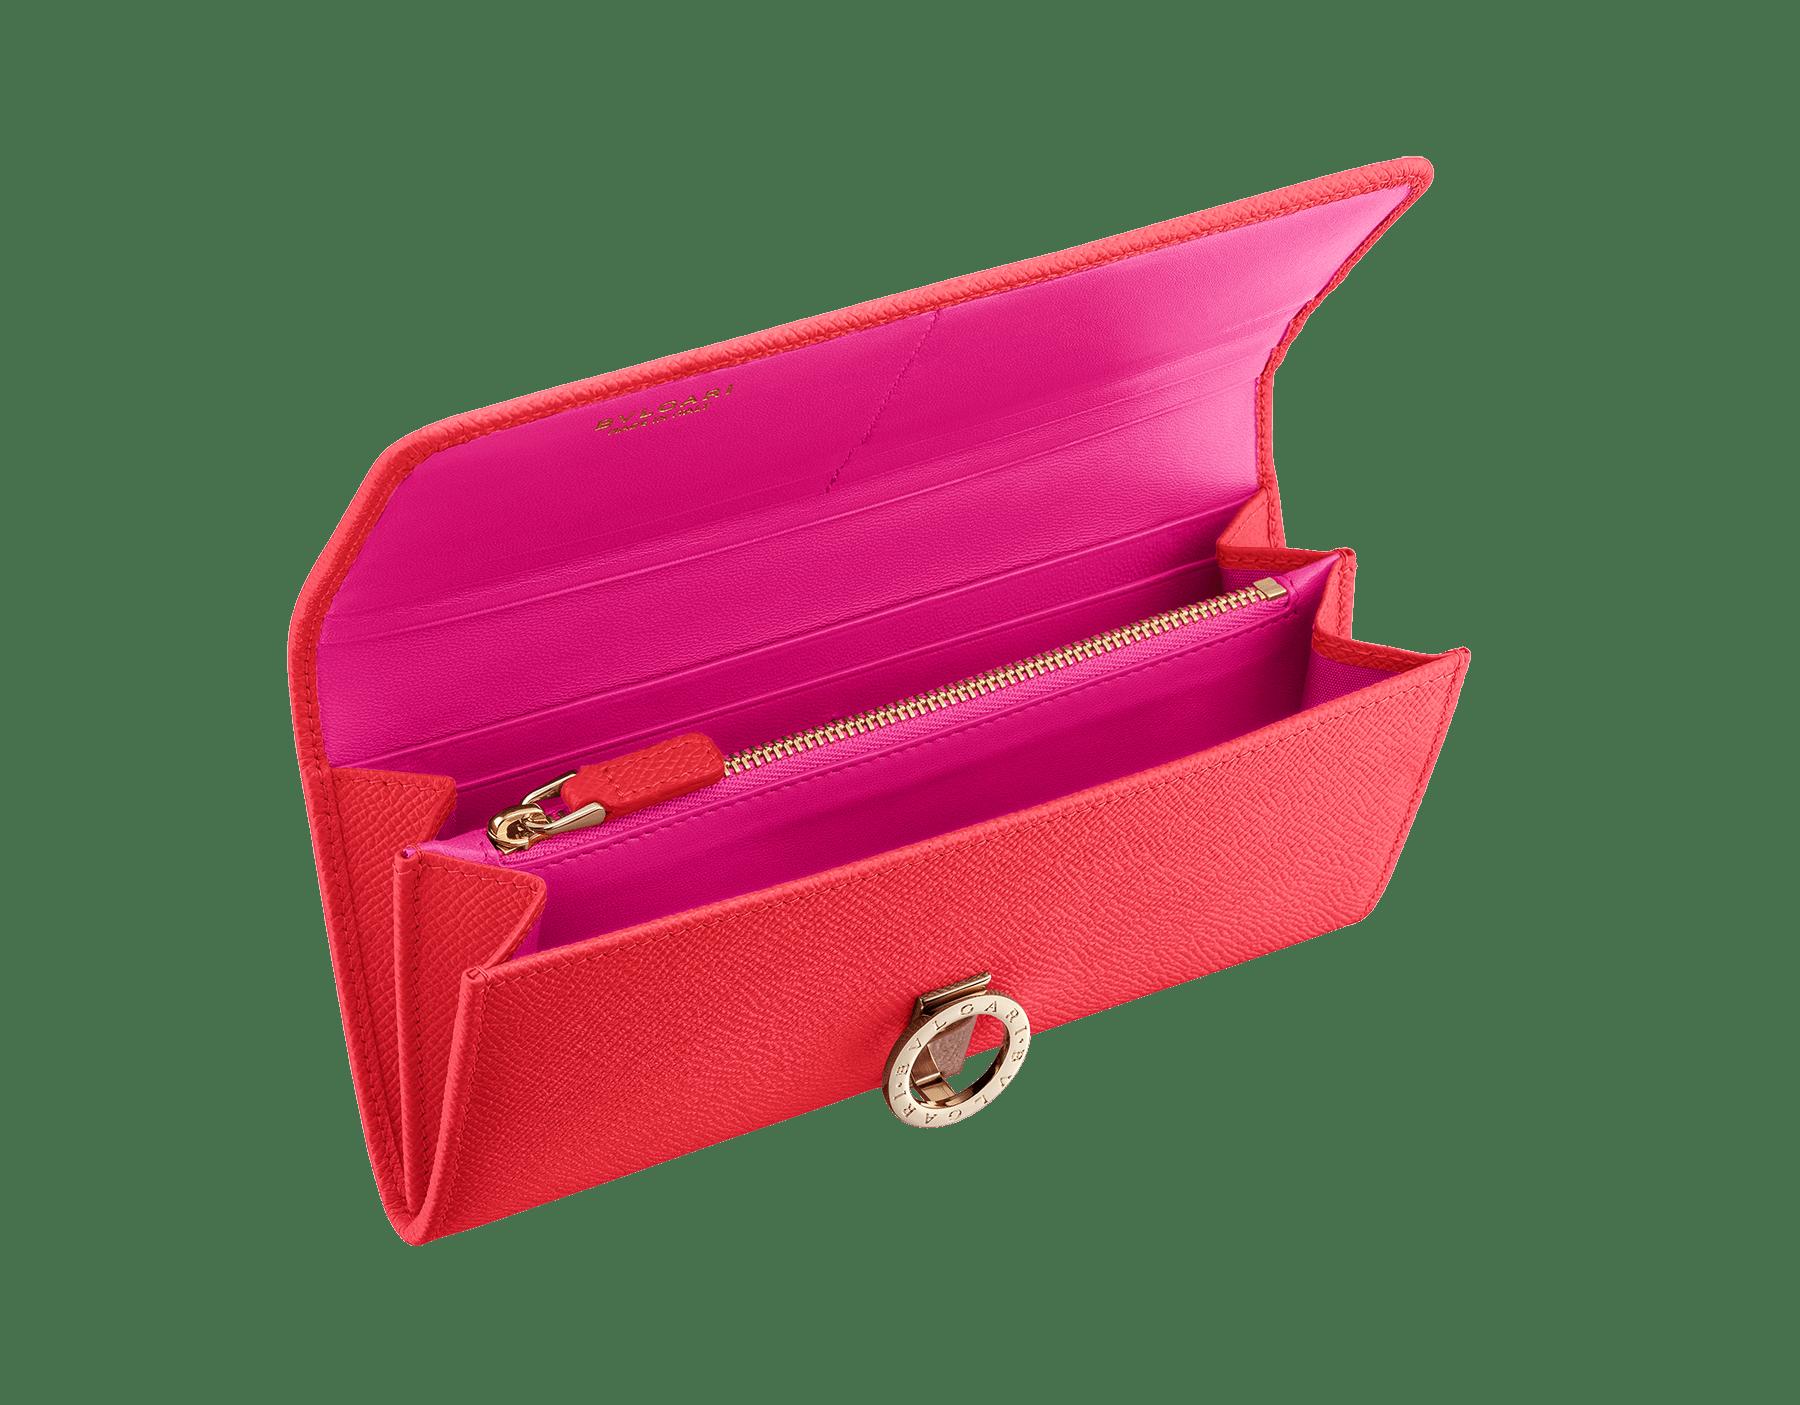 Pochette-portefeuille BVLGARI BVLGARI en cuir de veau grainé couleur Sea Star Coral et cuir nappa couleur Pink Spinel. Fermoir emblématique orné du logo Bvlgari en laiton doré. 288180 image 2